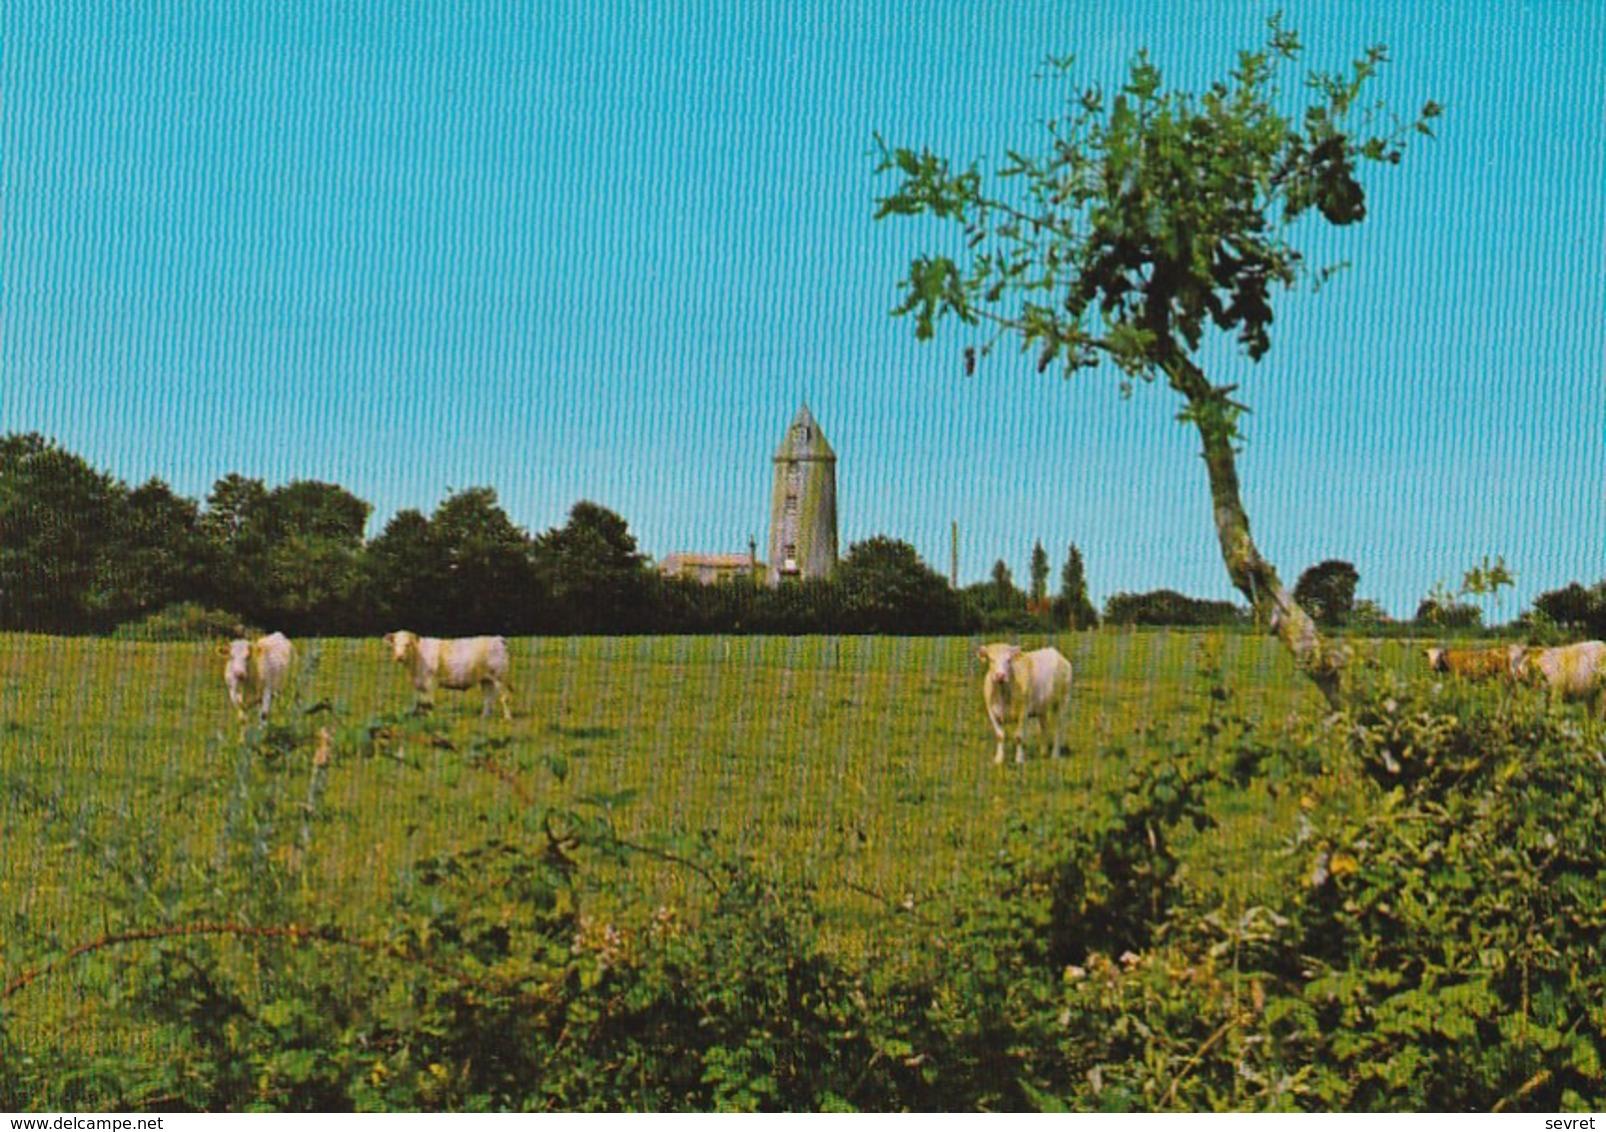 LEs LUCS-SUR-BOULOGNE. - Vaches Près Du Moulin - Les Lucs Sur Boulogne